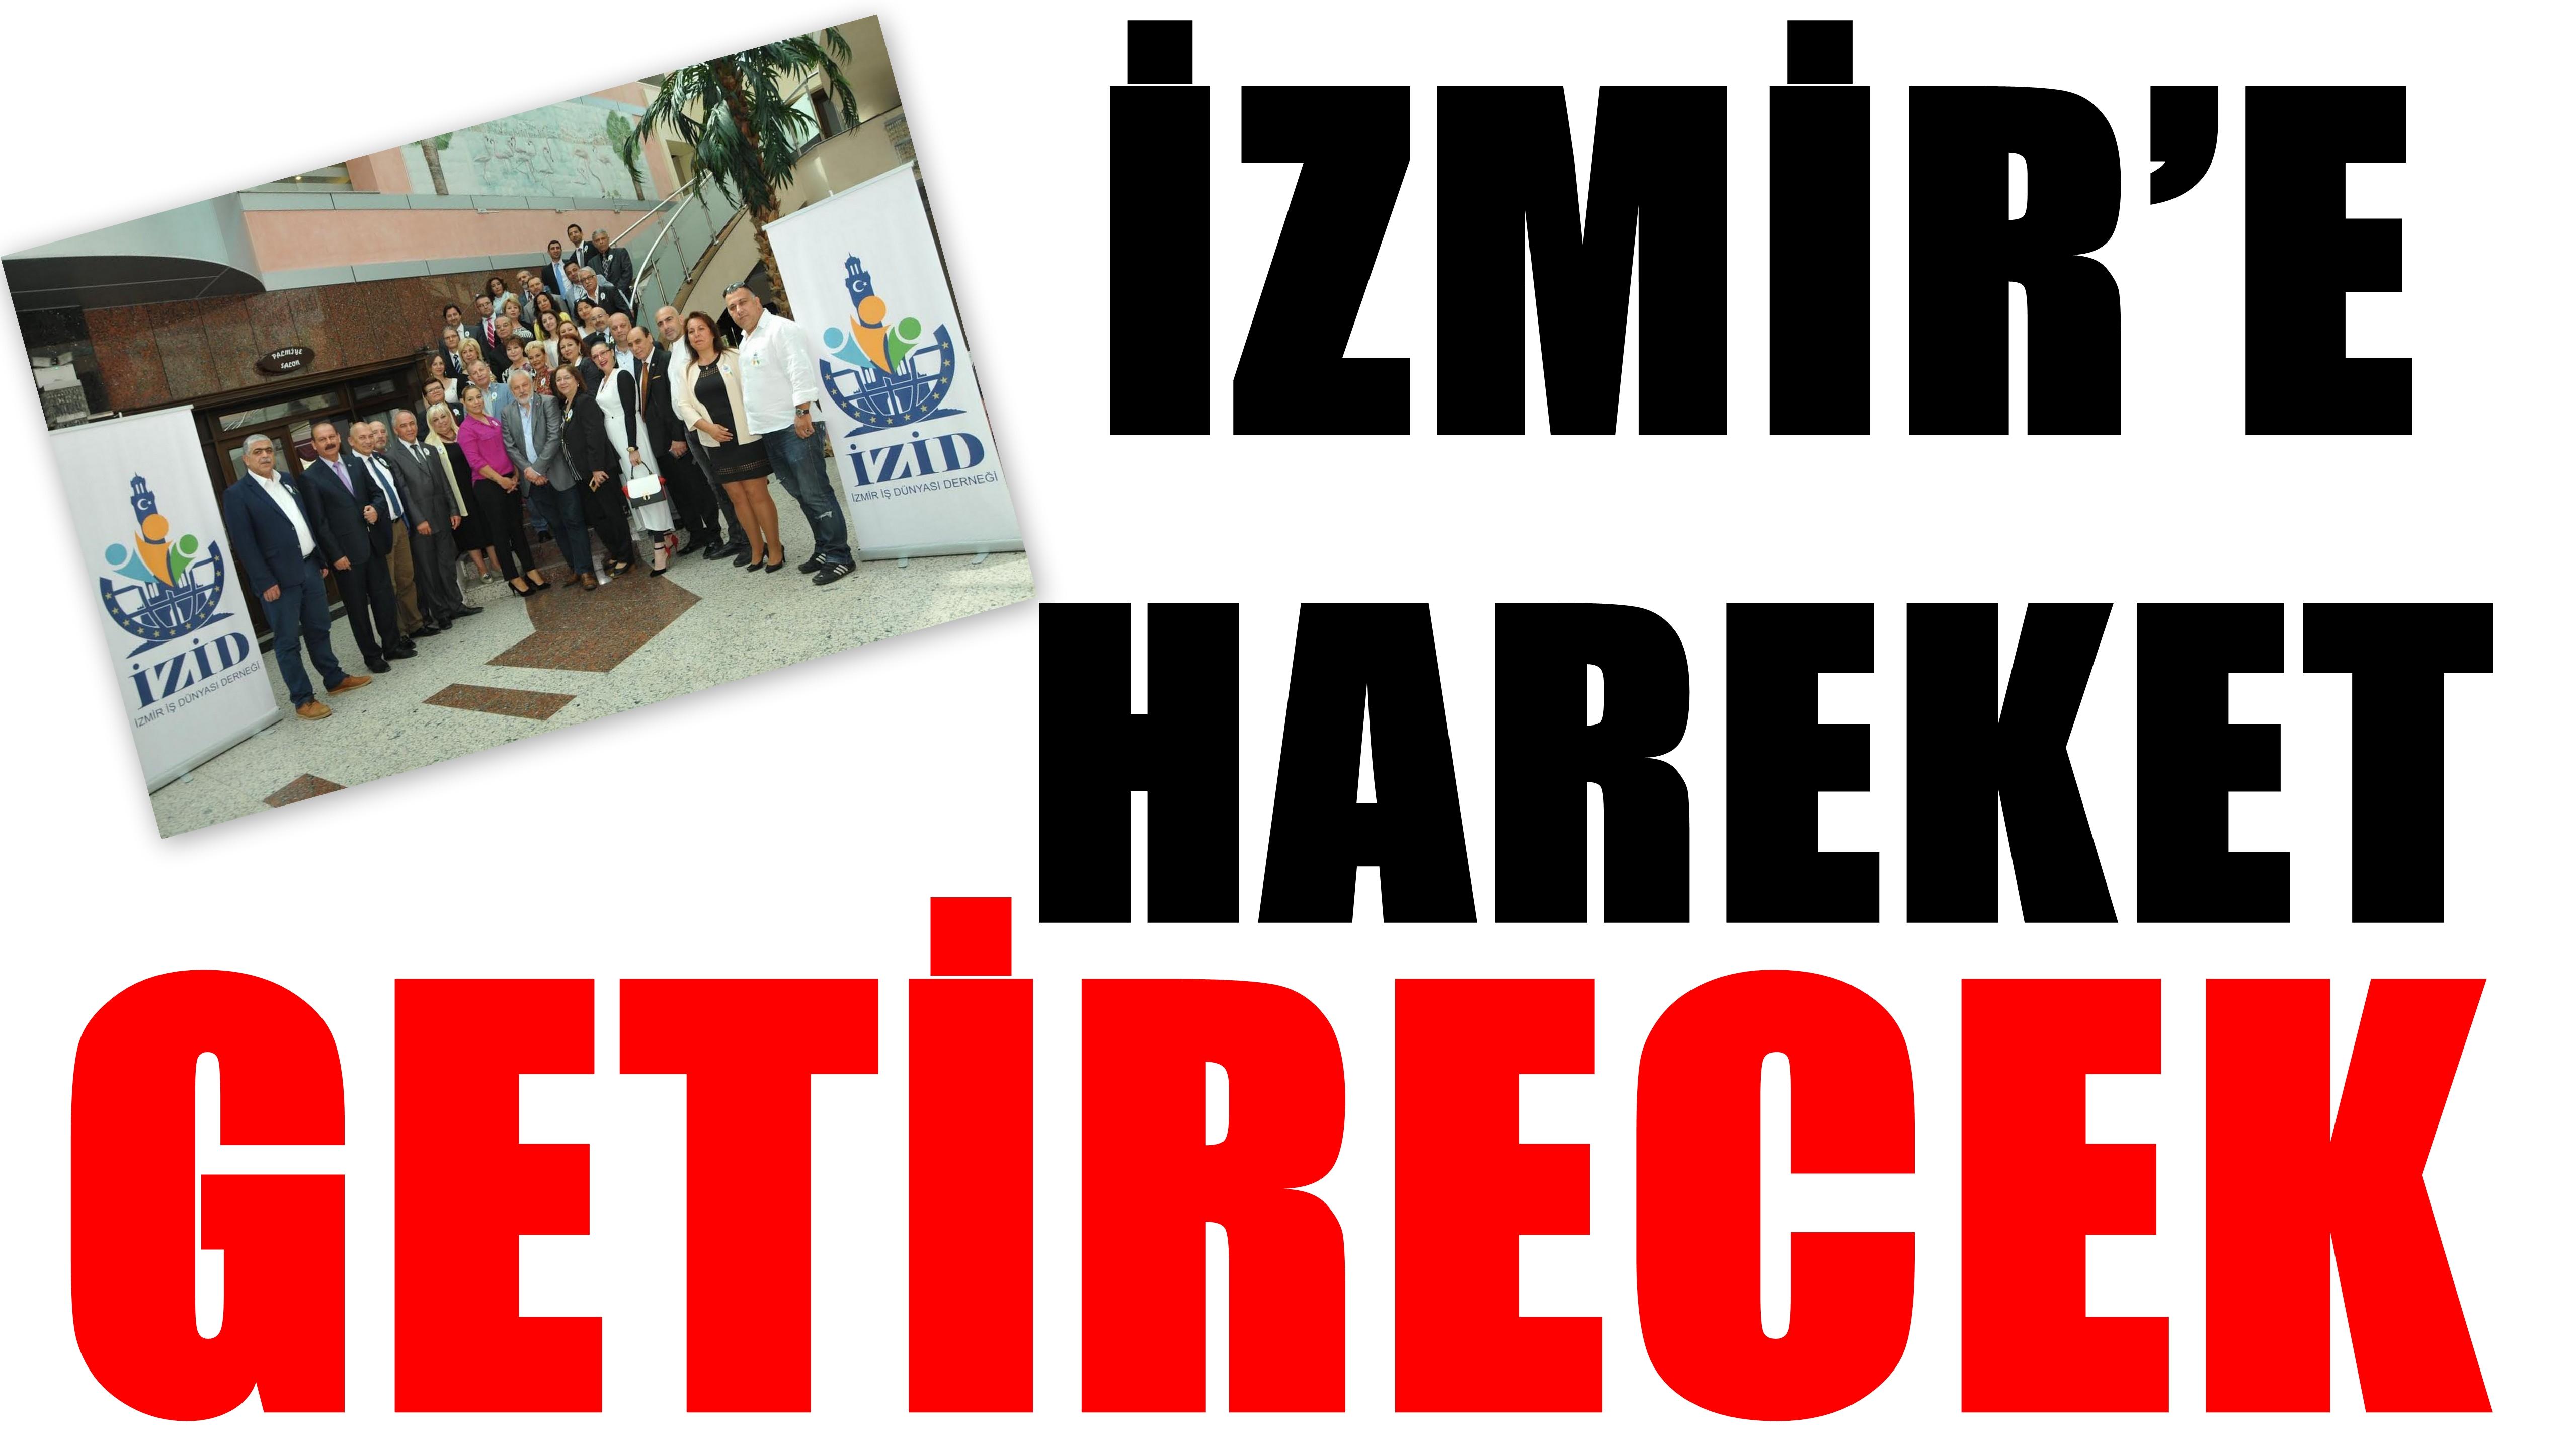 İZMİR'E HAREKET GETİRECEK